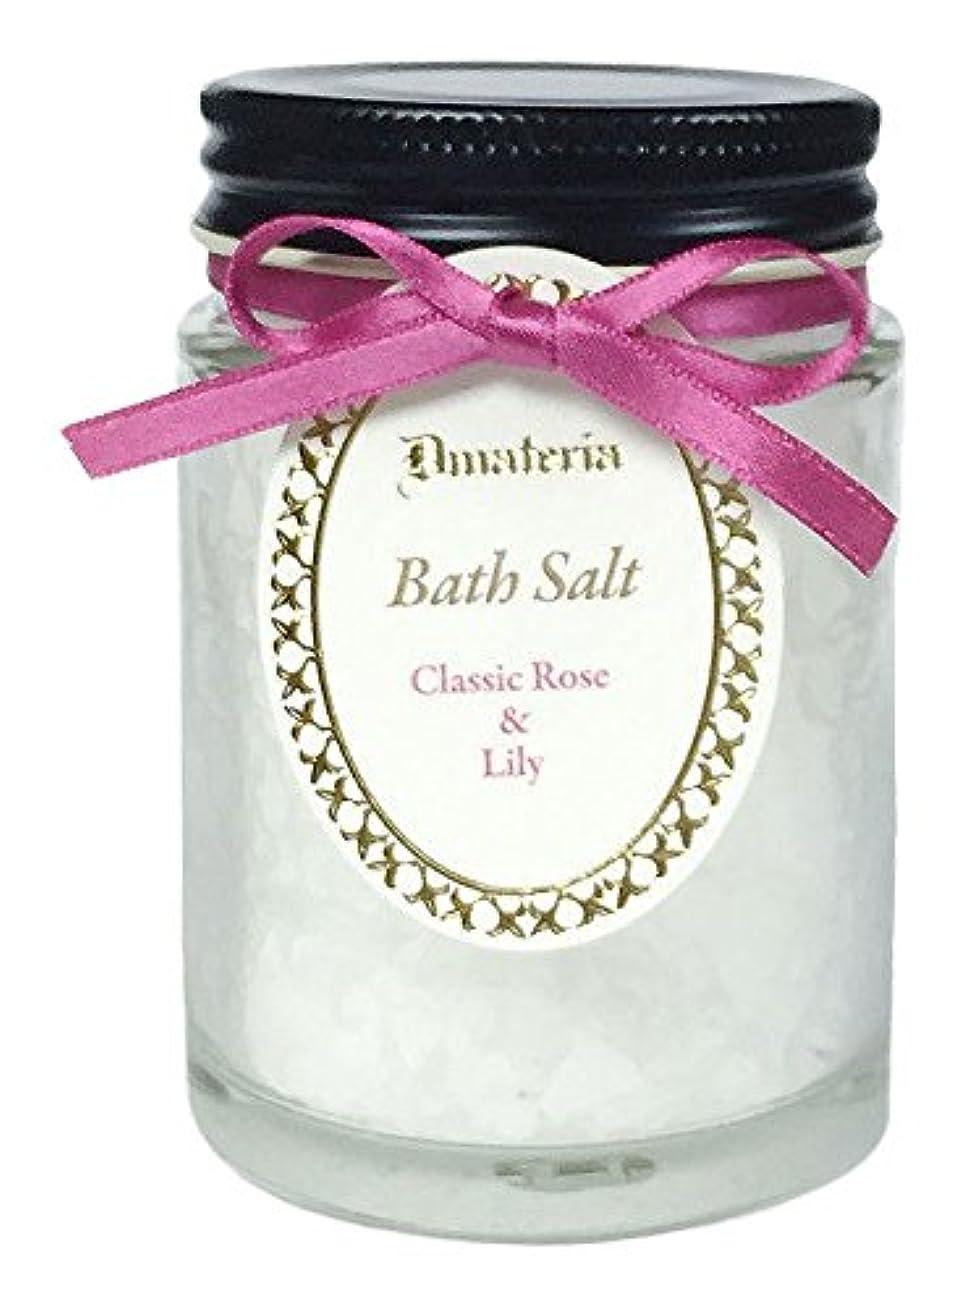 アレンジブレーク本部D materia バスソルト クラシックローズ&リリー Classic Rose&Lily Bath Salt ディーマテリア